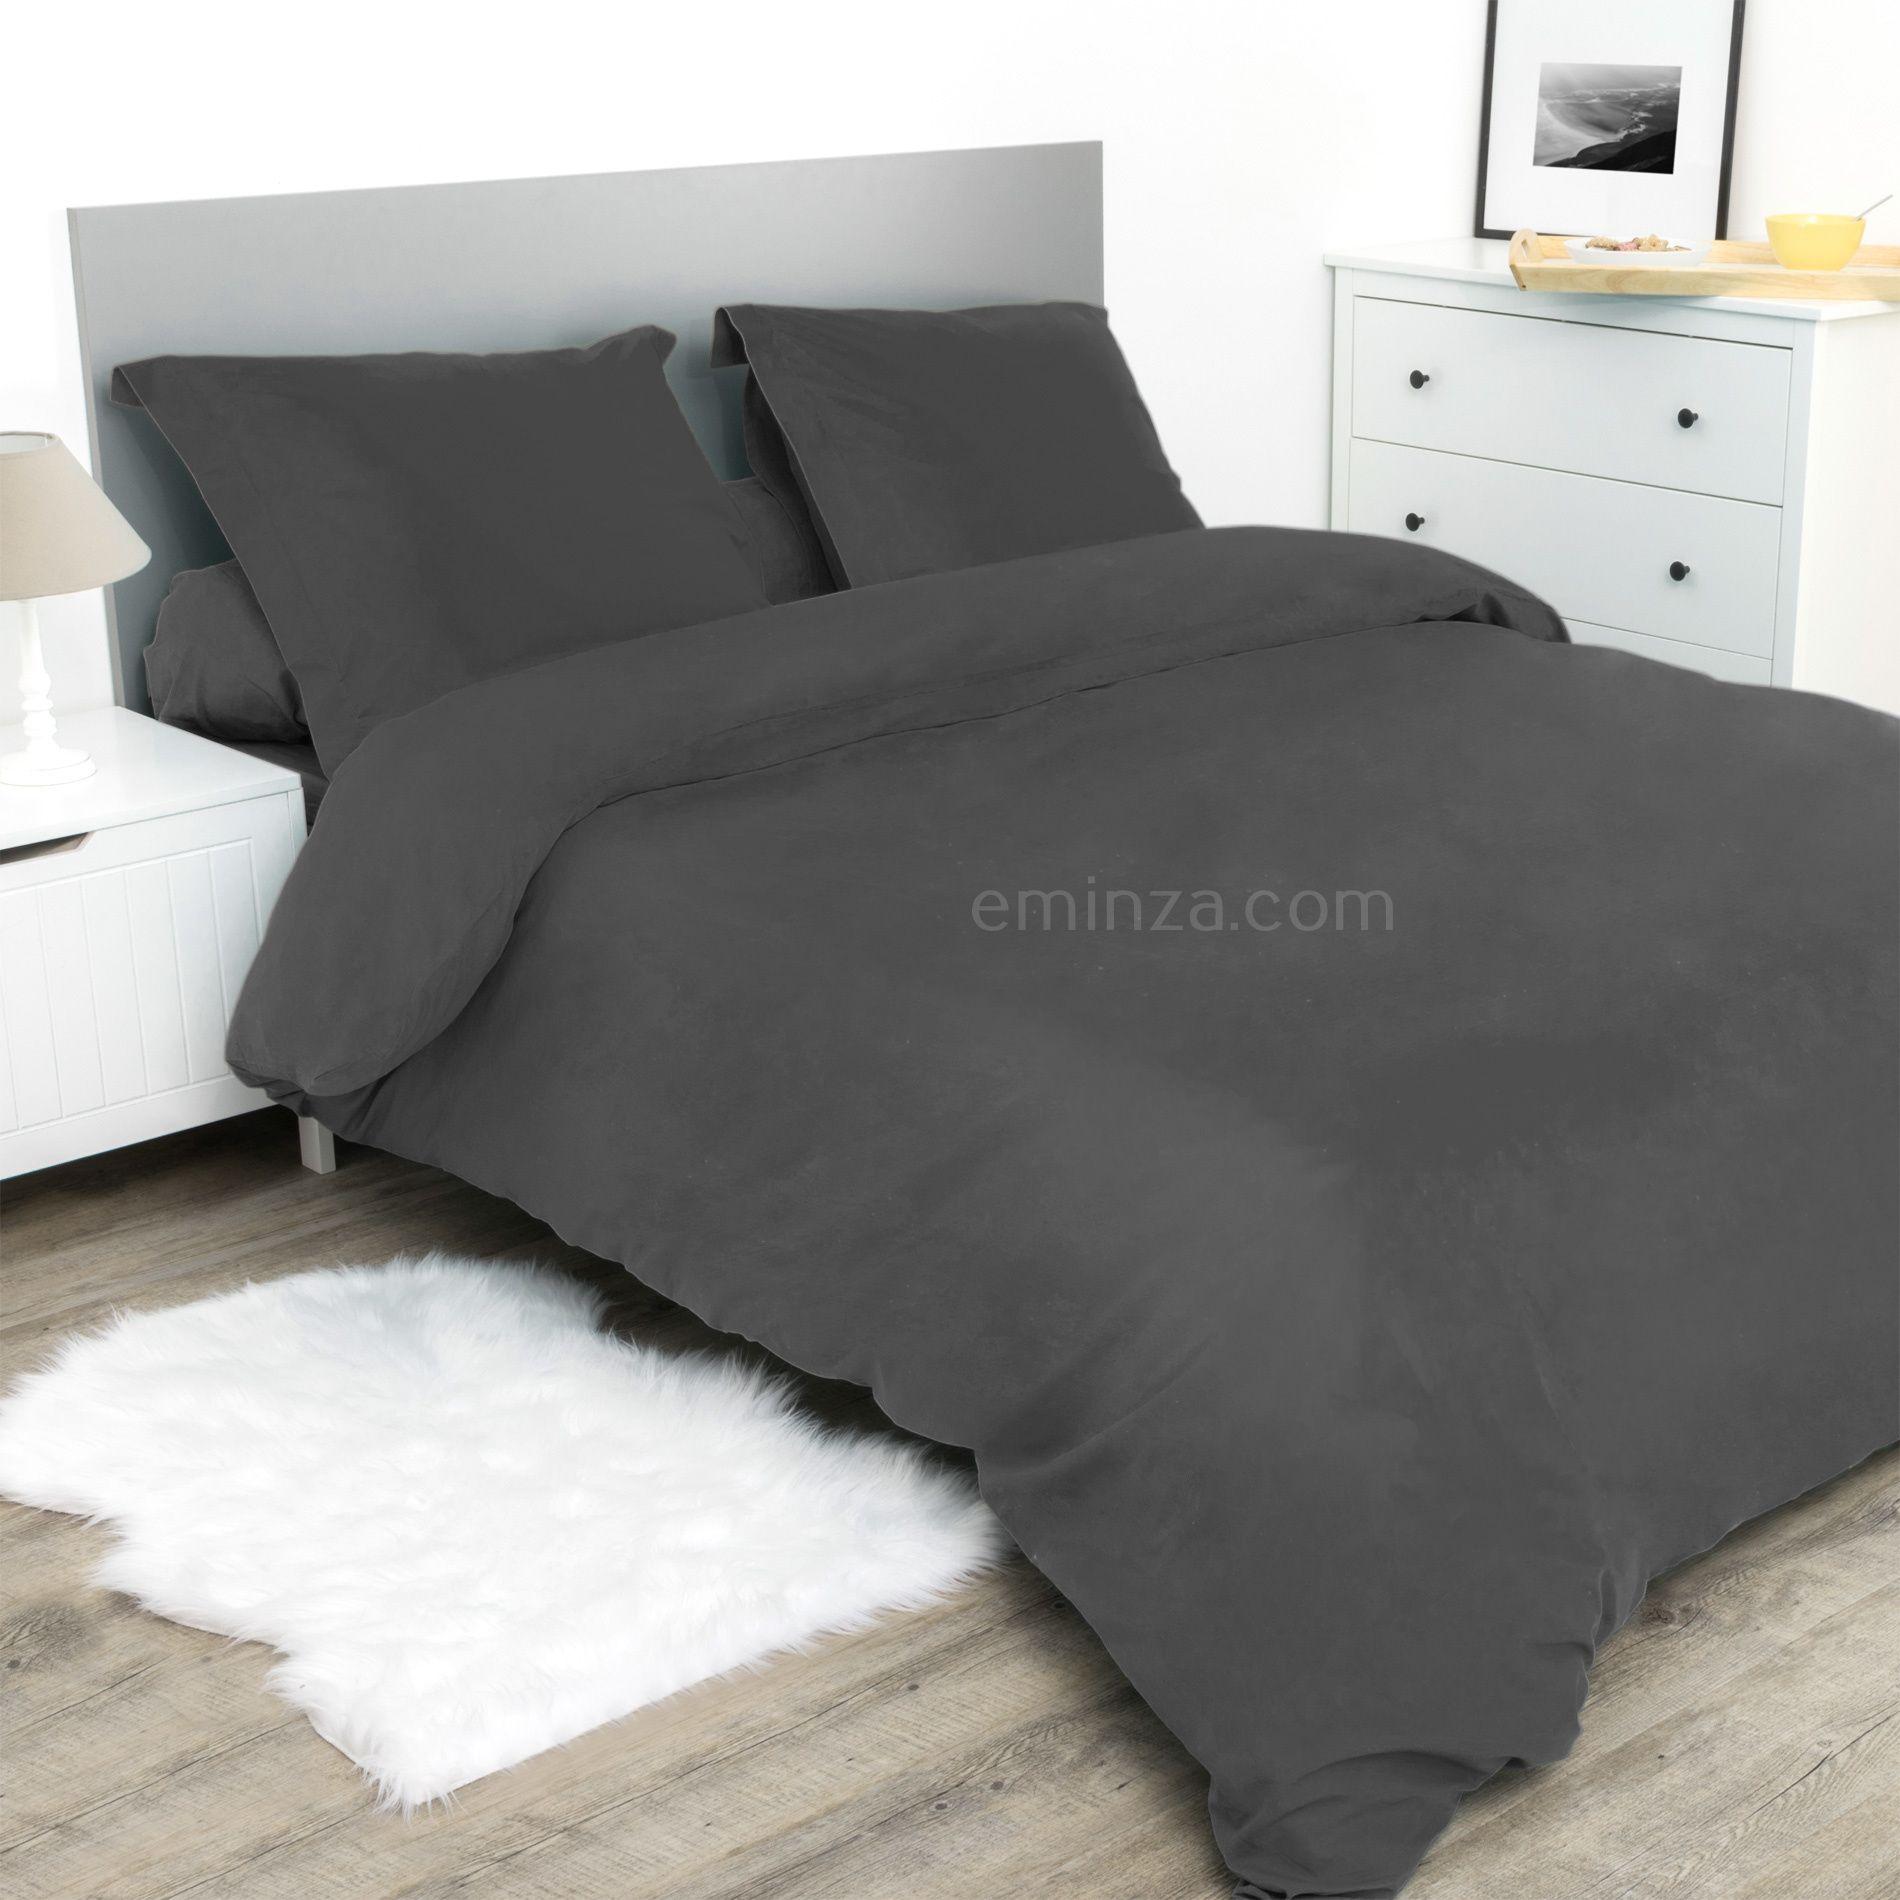 housse de couette 240 cm confort anthracite housse de couette eminza. Black Bedroom Furniture Sets. Home Design Ideas